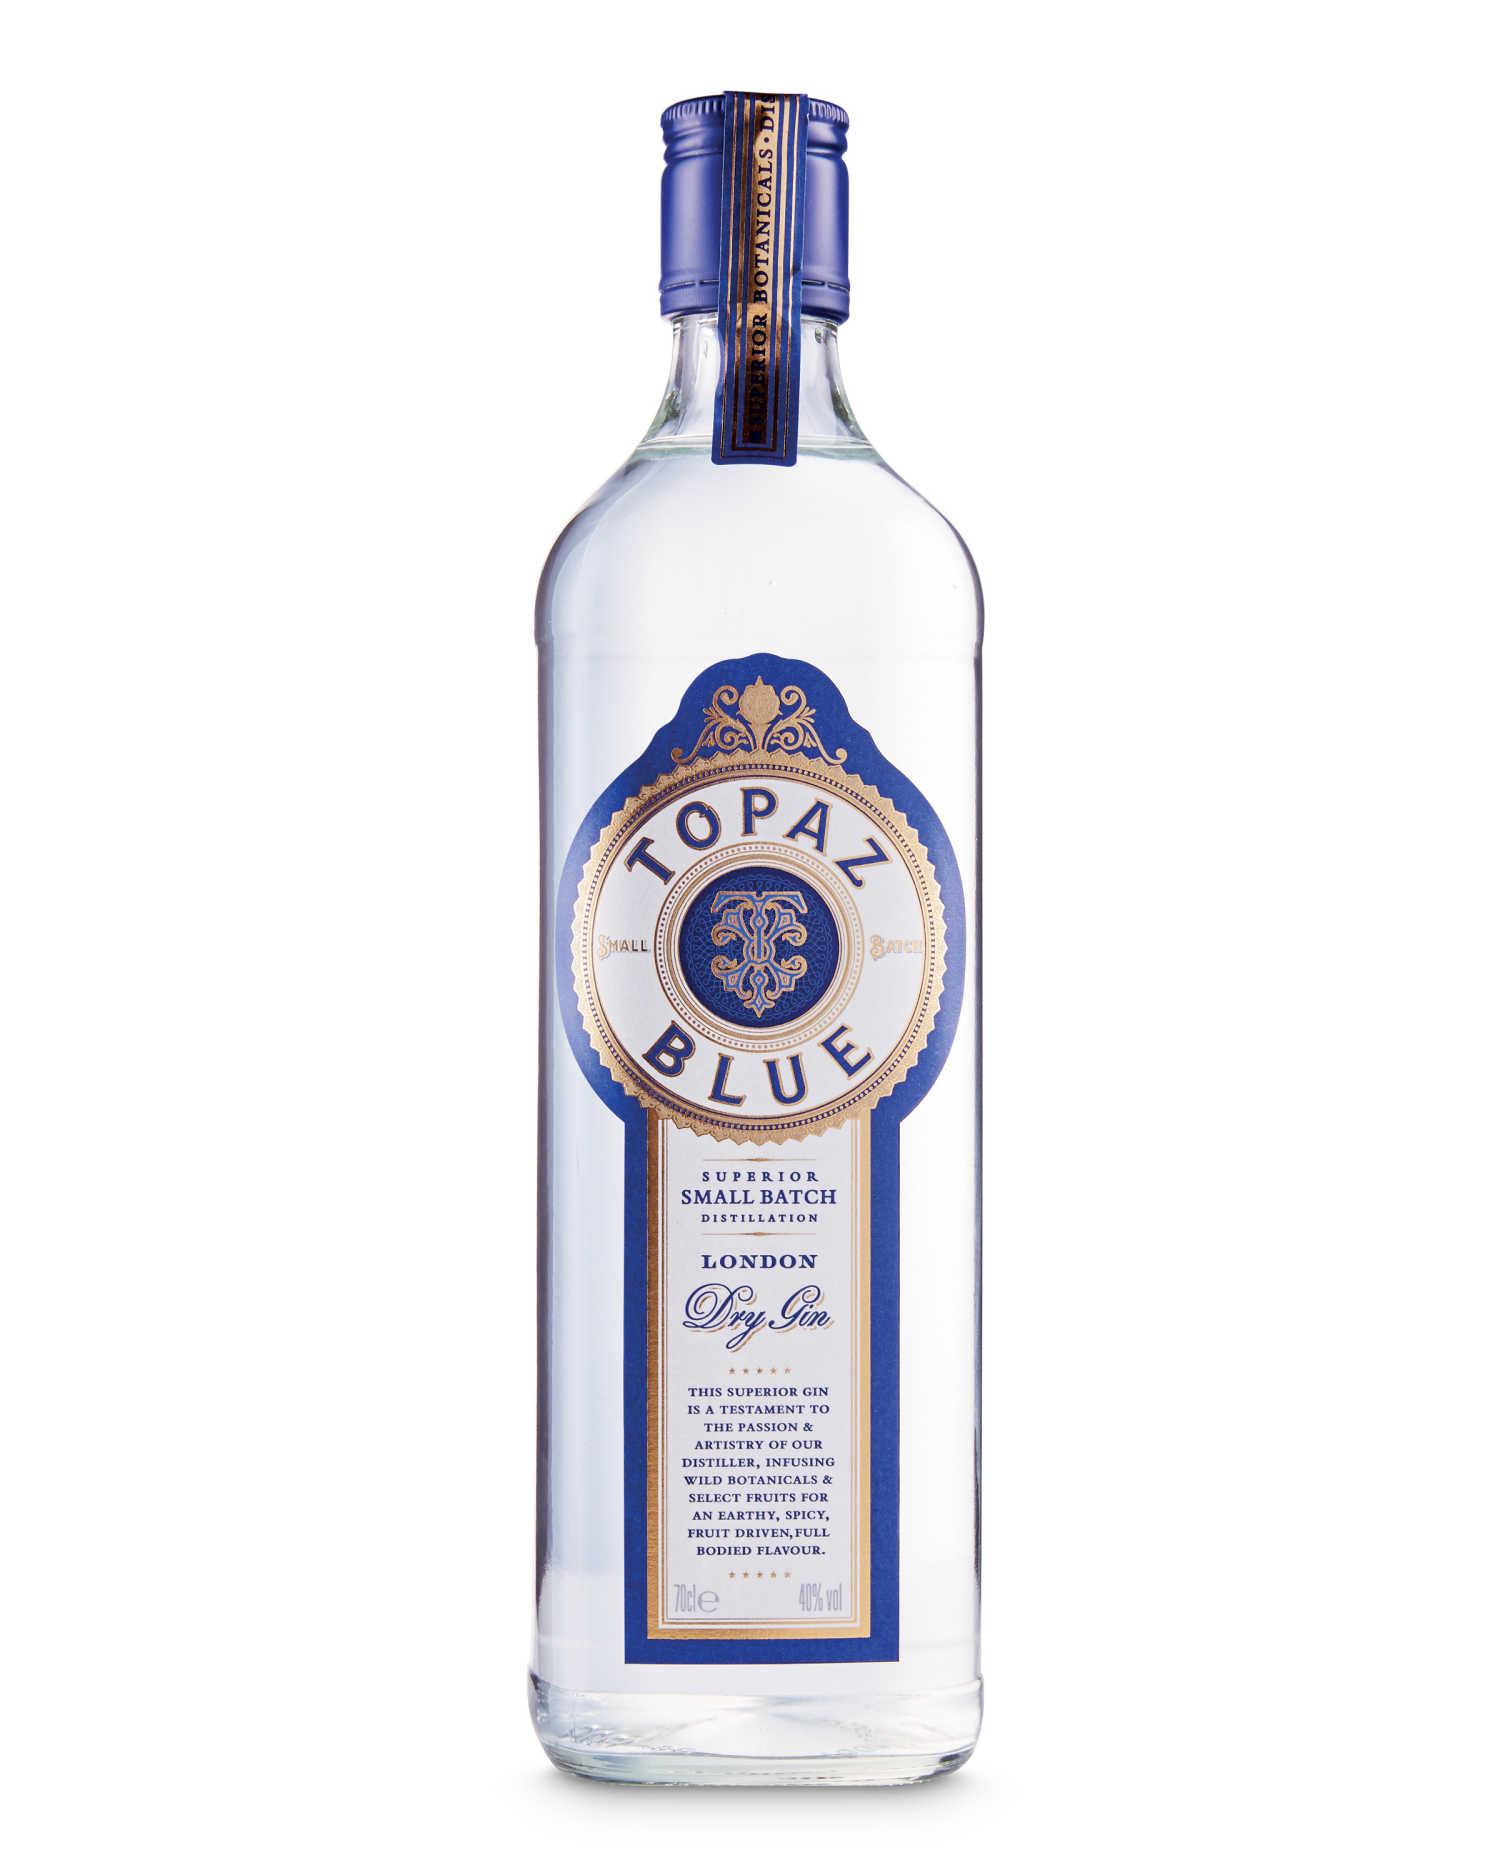 Topaz Blue Premium Gin by Aldi